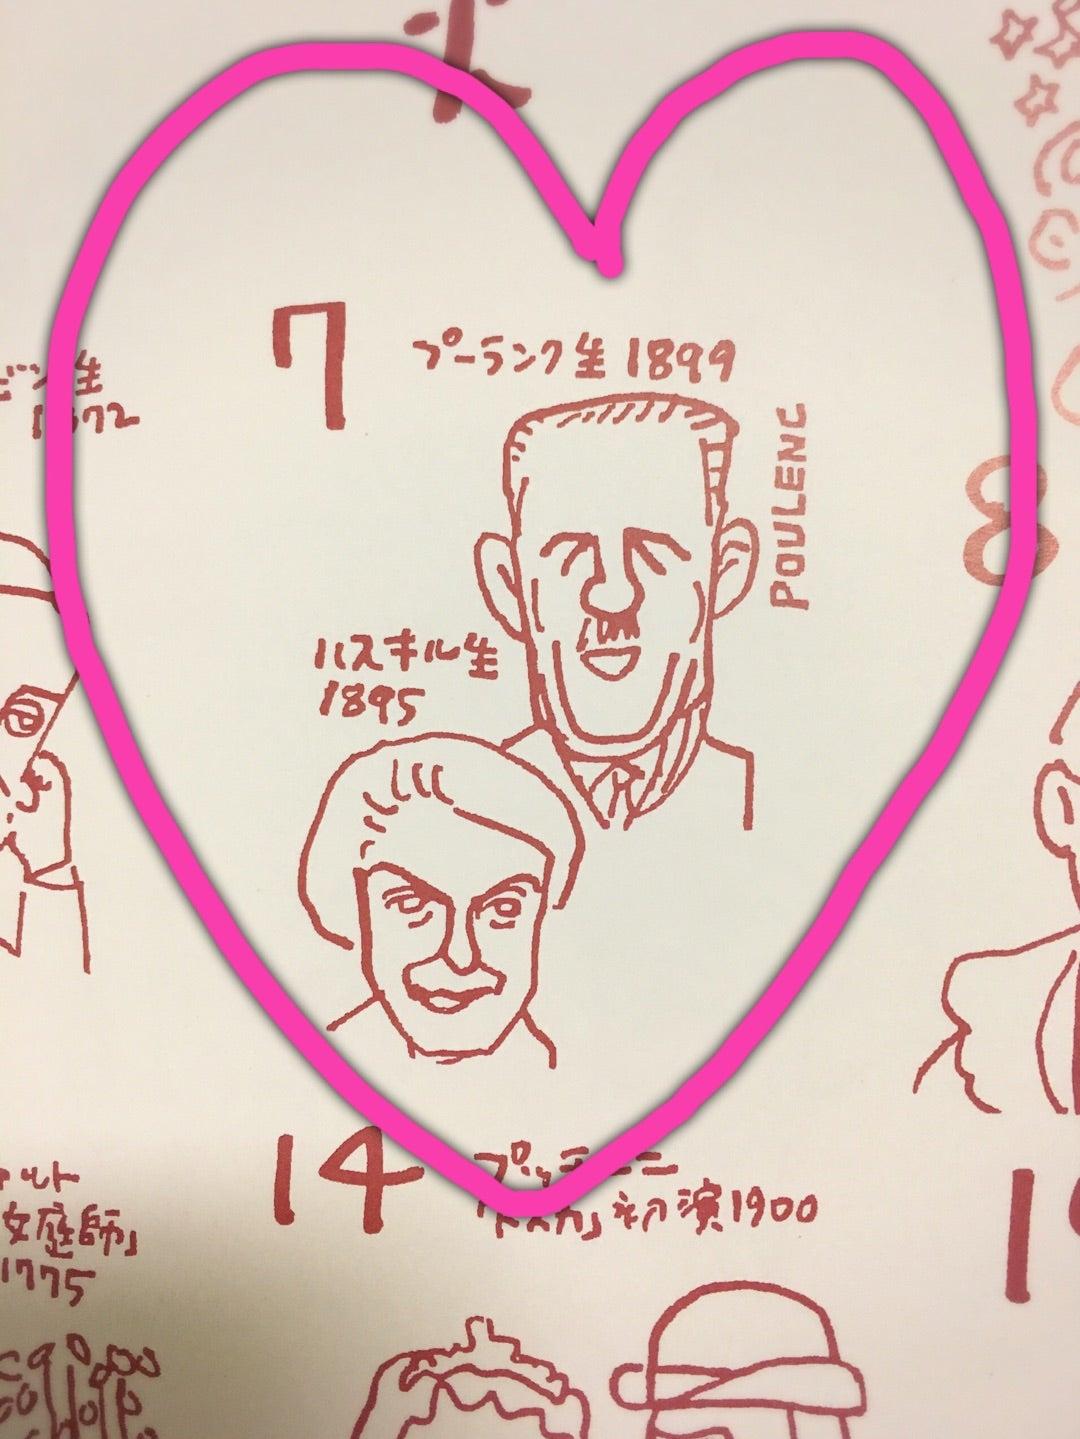 生徒さんのご紹介ありがとうございます「群馬県高崎市にある個人のピアノ教室藤巻ピアノ音楽教室」の記事より